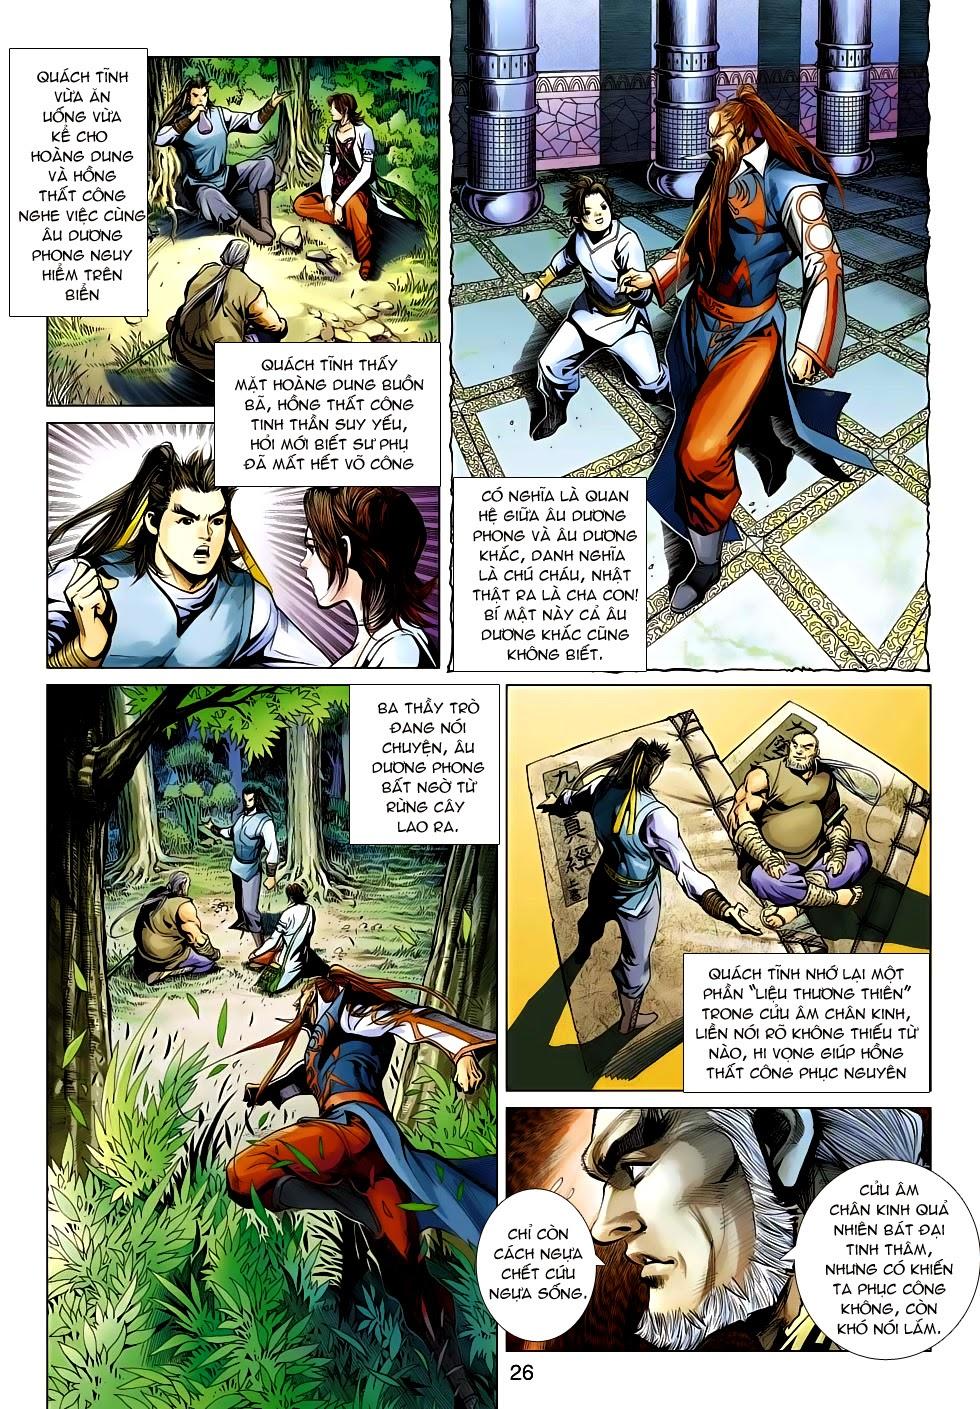 Anh Hùng Xạ Điêu anh hùng xạ đêu chap 54: kiếp hậu dư sinh thiến nữ kỳ mưu trang 26